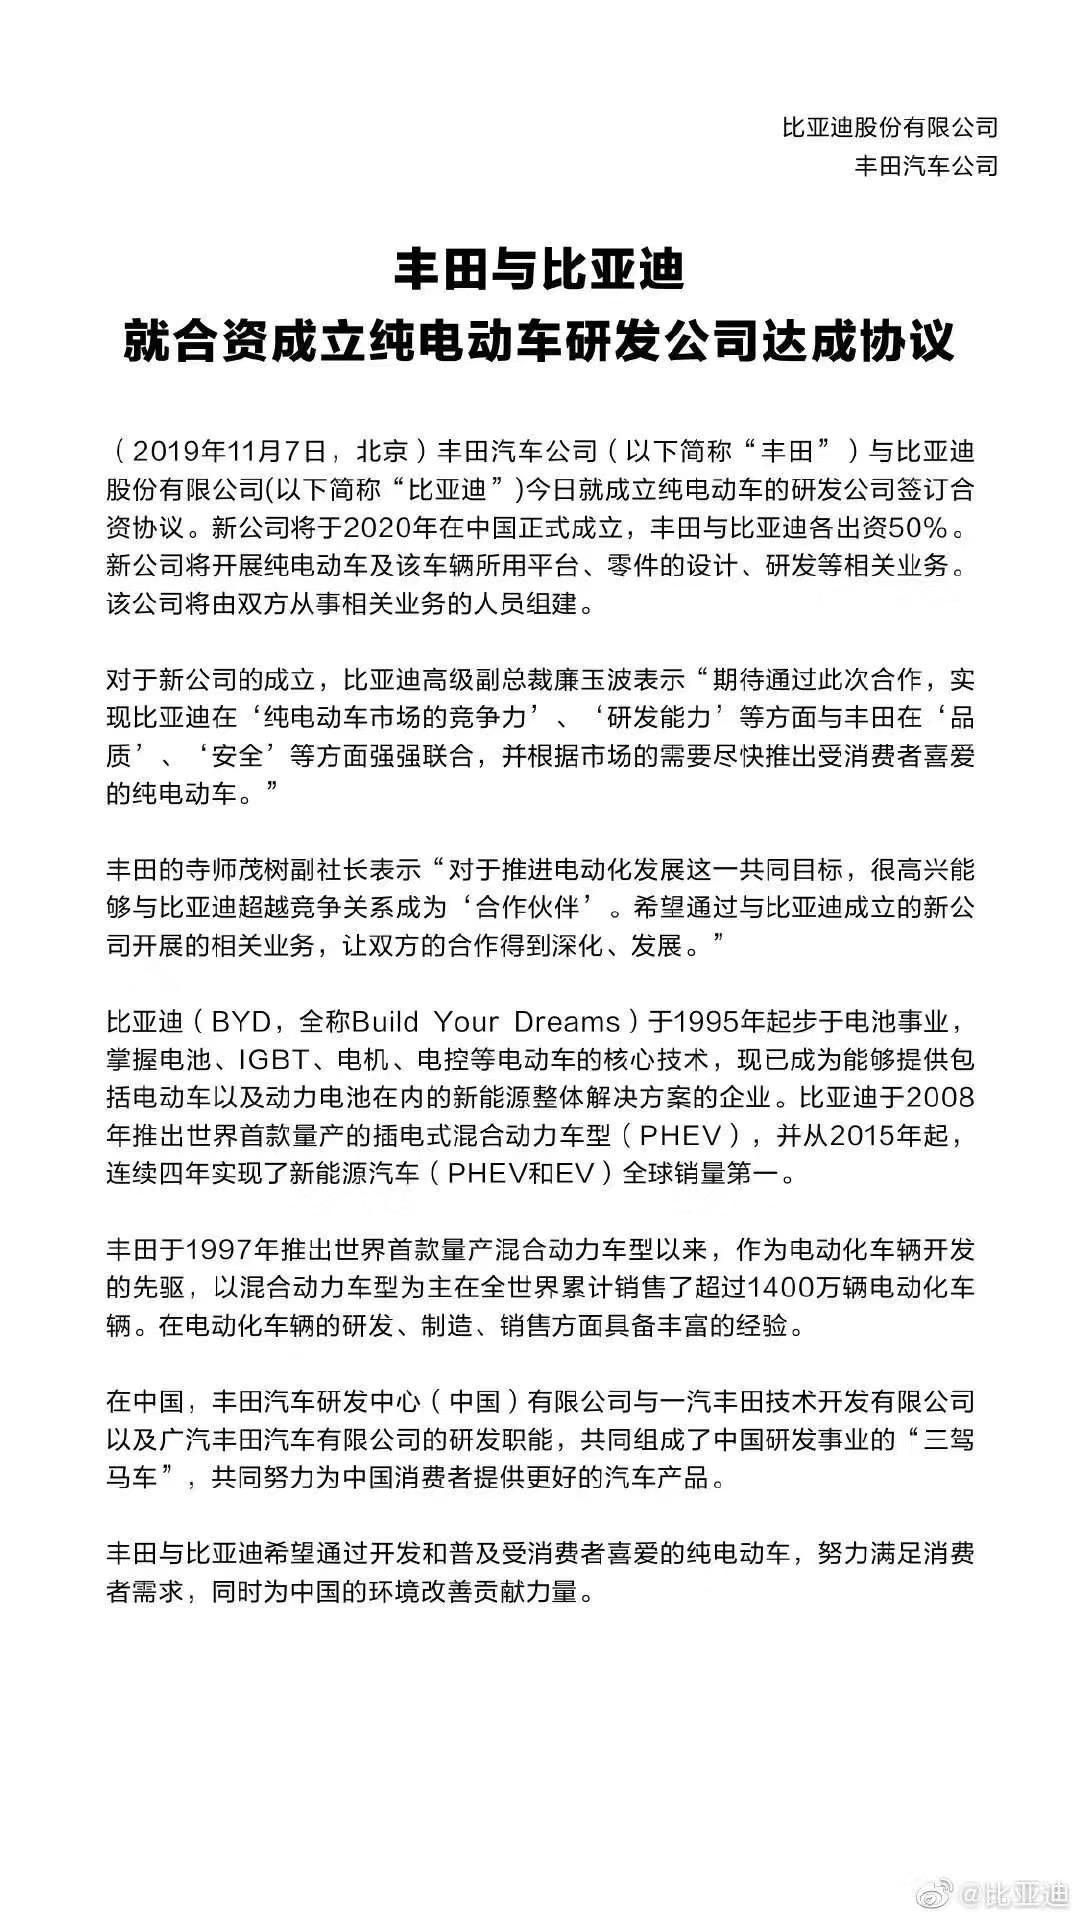 成立纯电动车研发公司 丰田与比亚迪签订合资协议